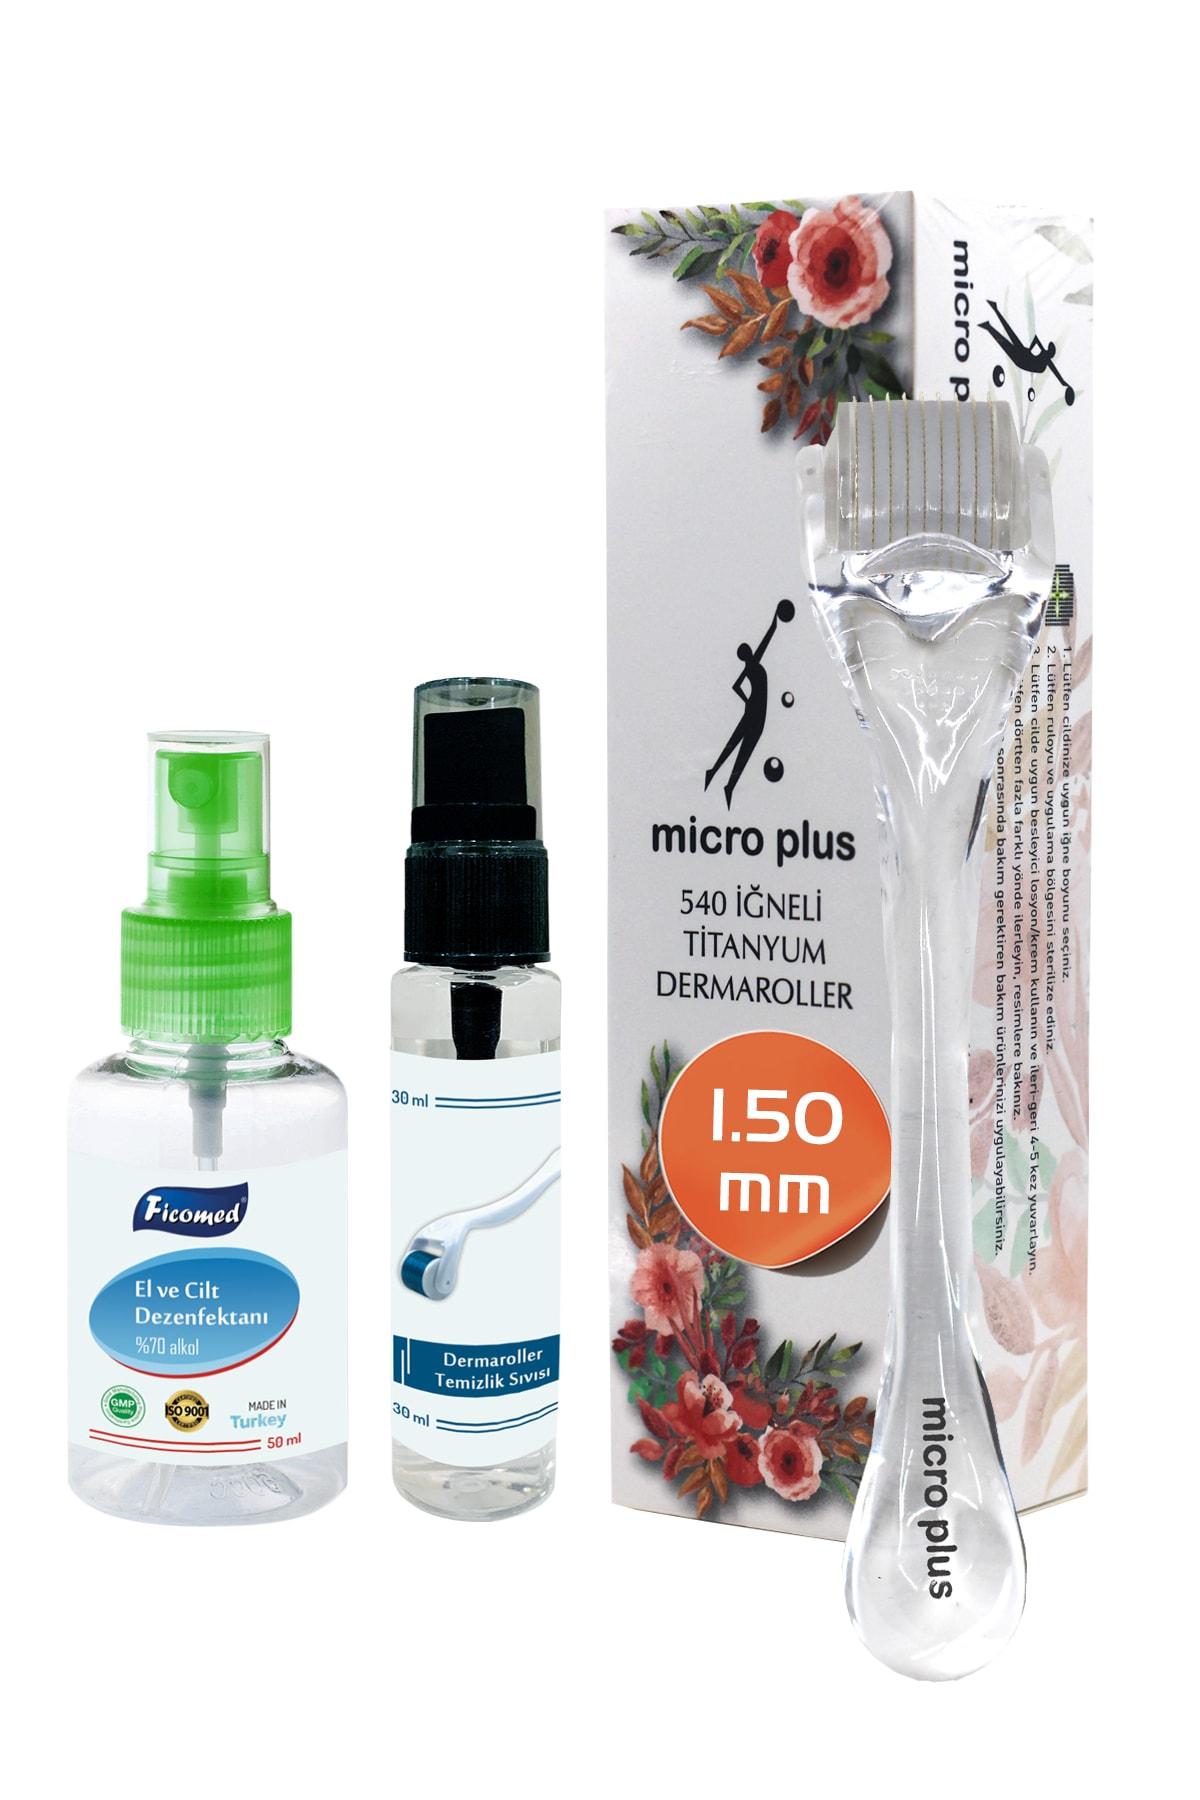 Micro Plus Dermaroller 1.50mm Titanyum 540 Iğneli Saç Yüz Vücut Derma Roller Cilt Ve Dermaroller Dezenfektanı 1